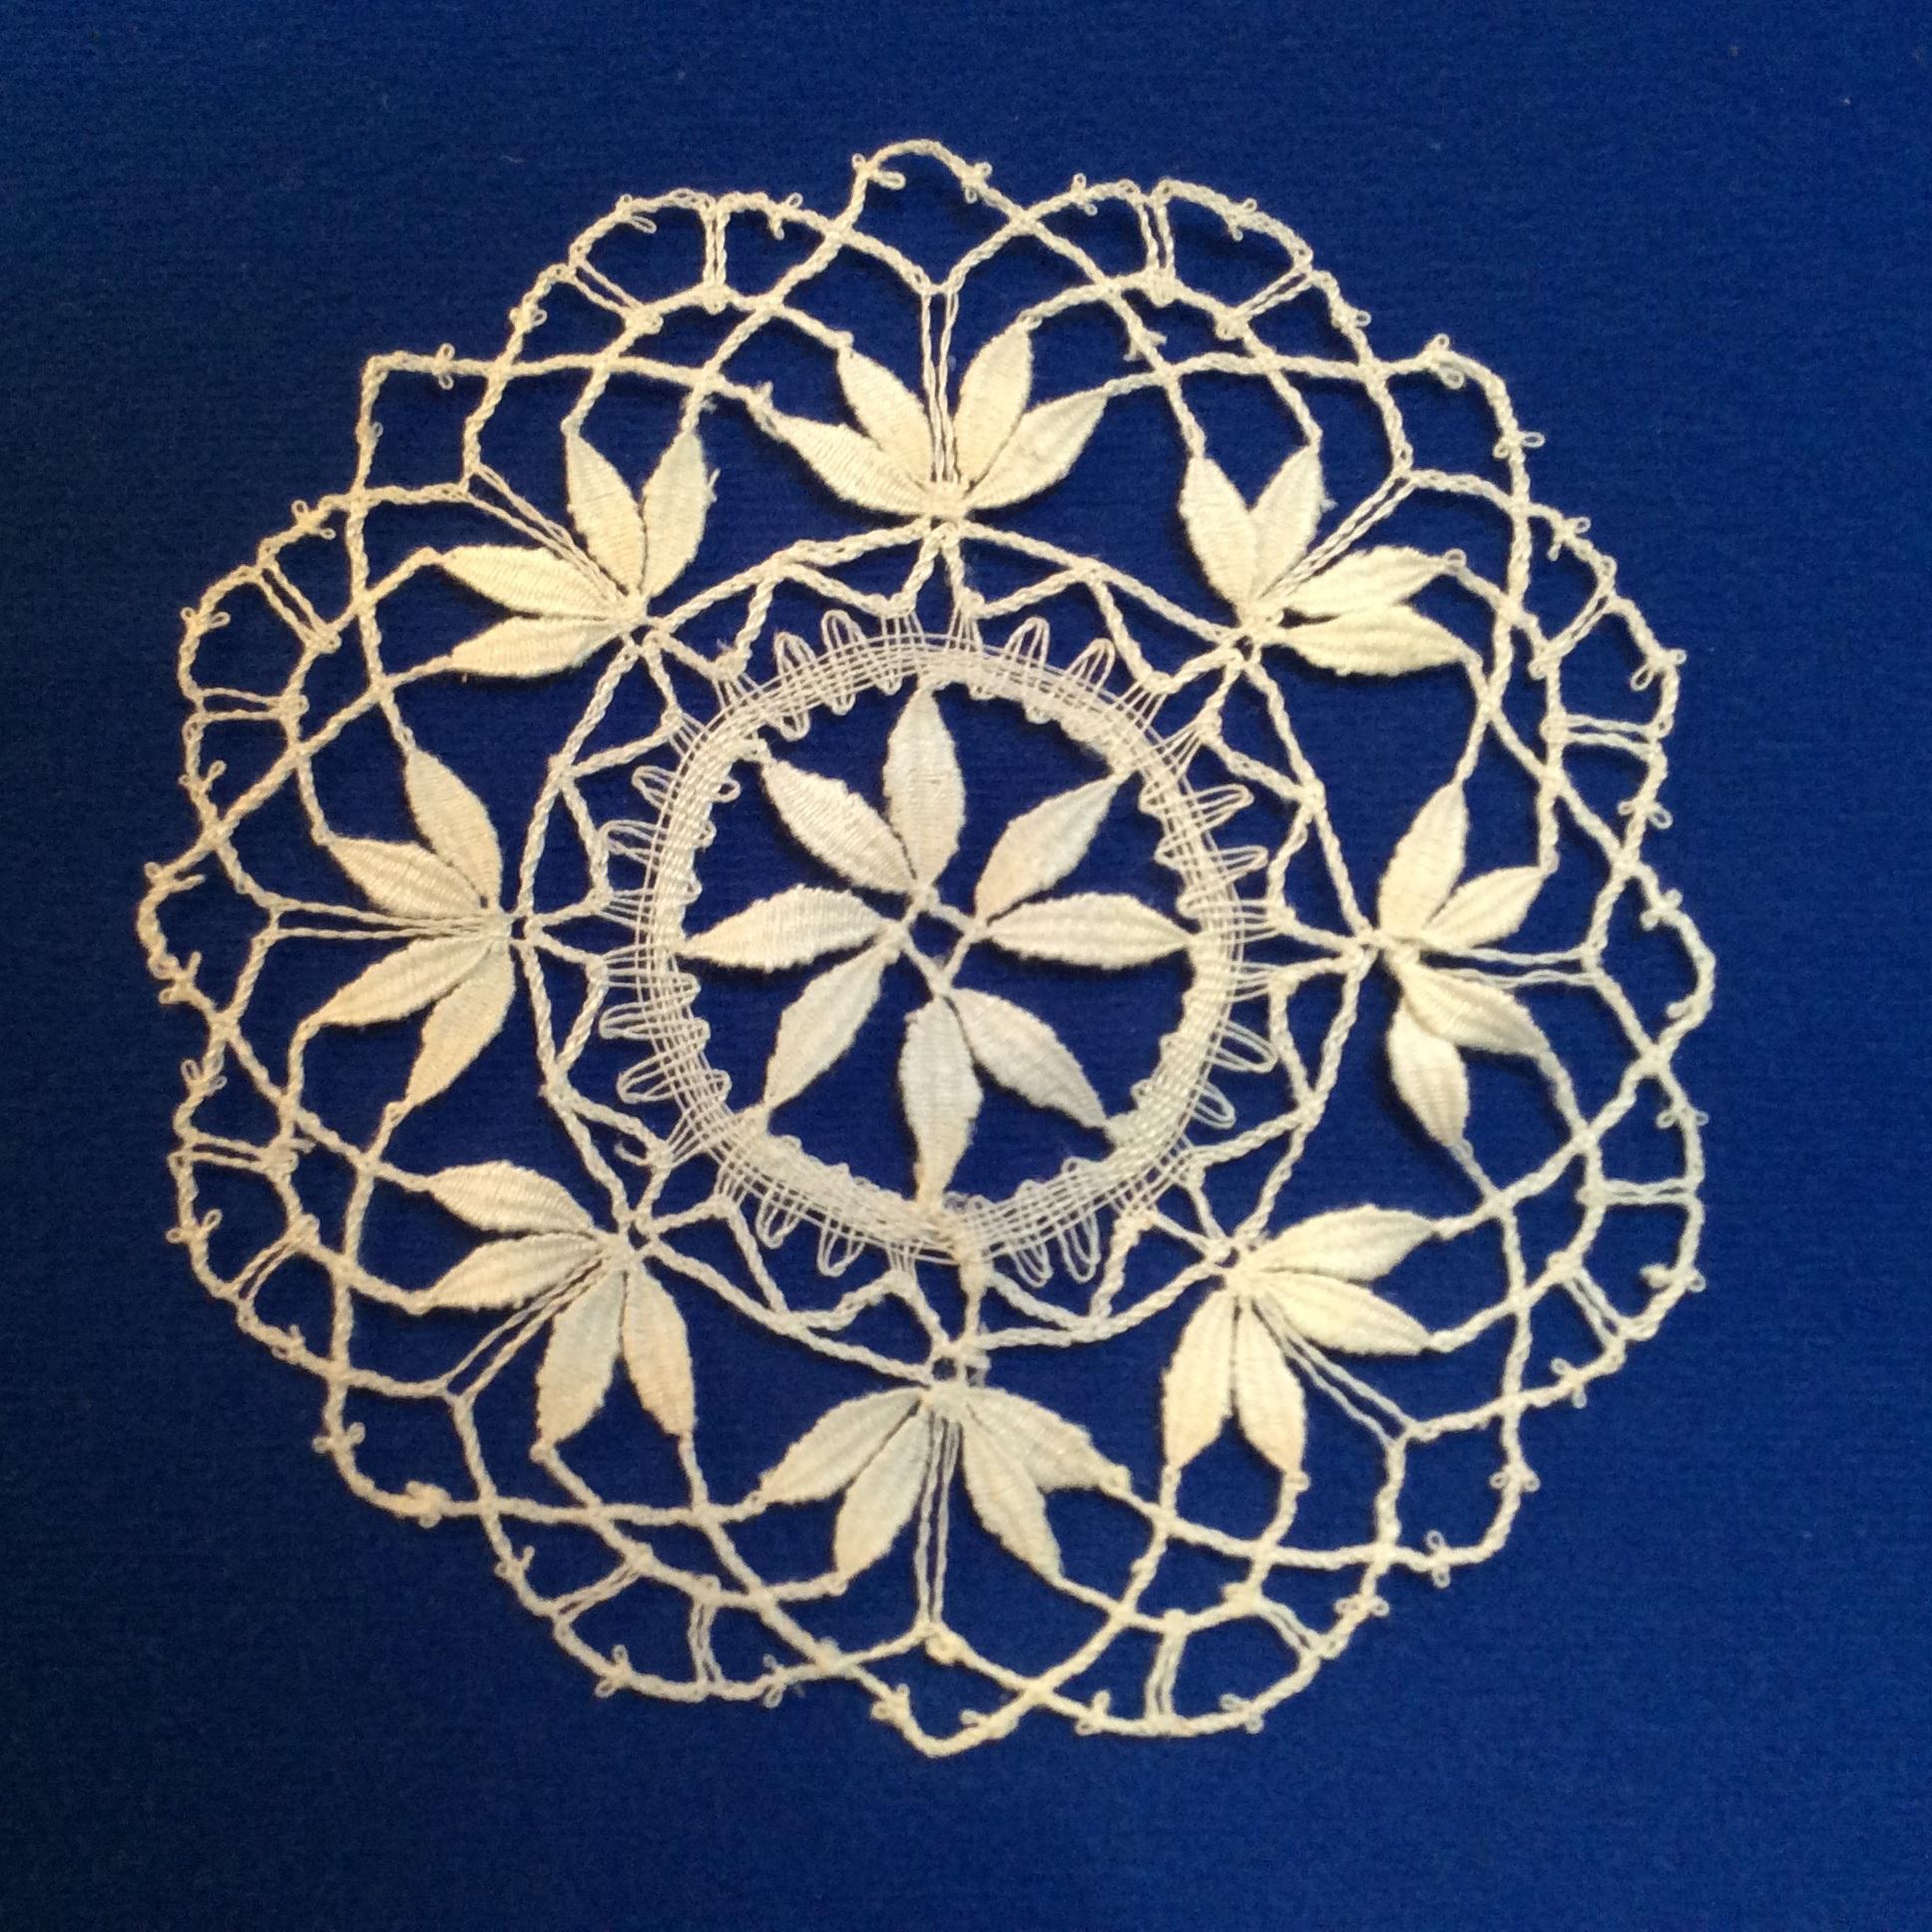 Kostenlose foto : Weiß, Muster, Garn, Material, Kreis, Textil ...